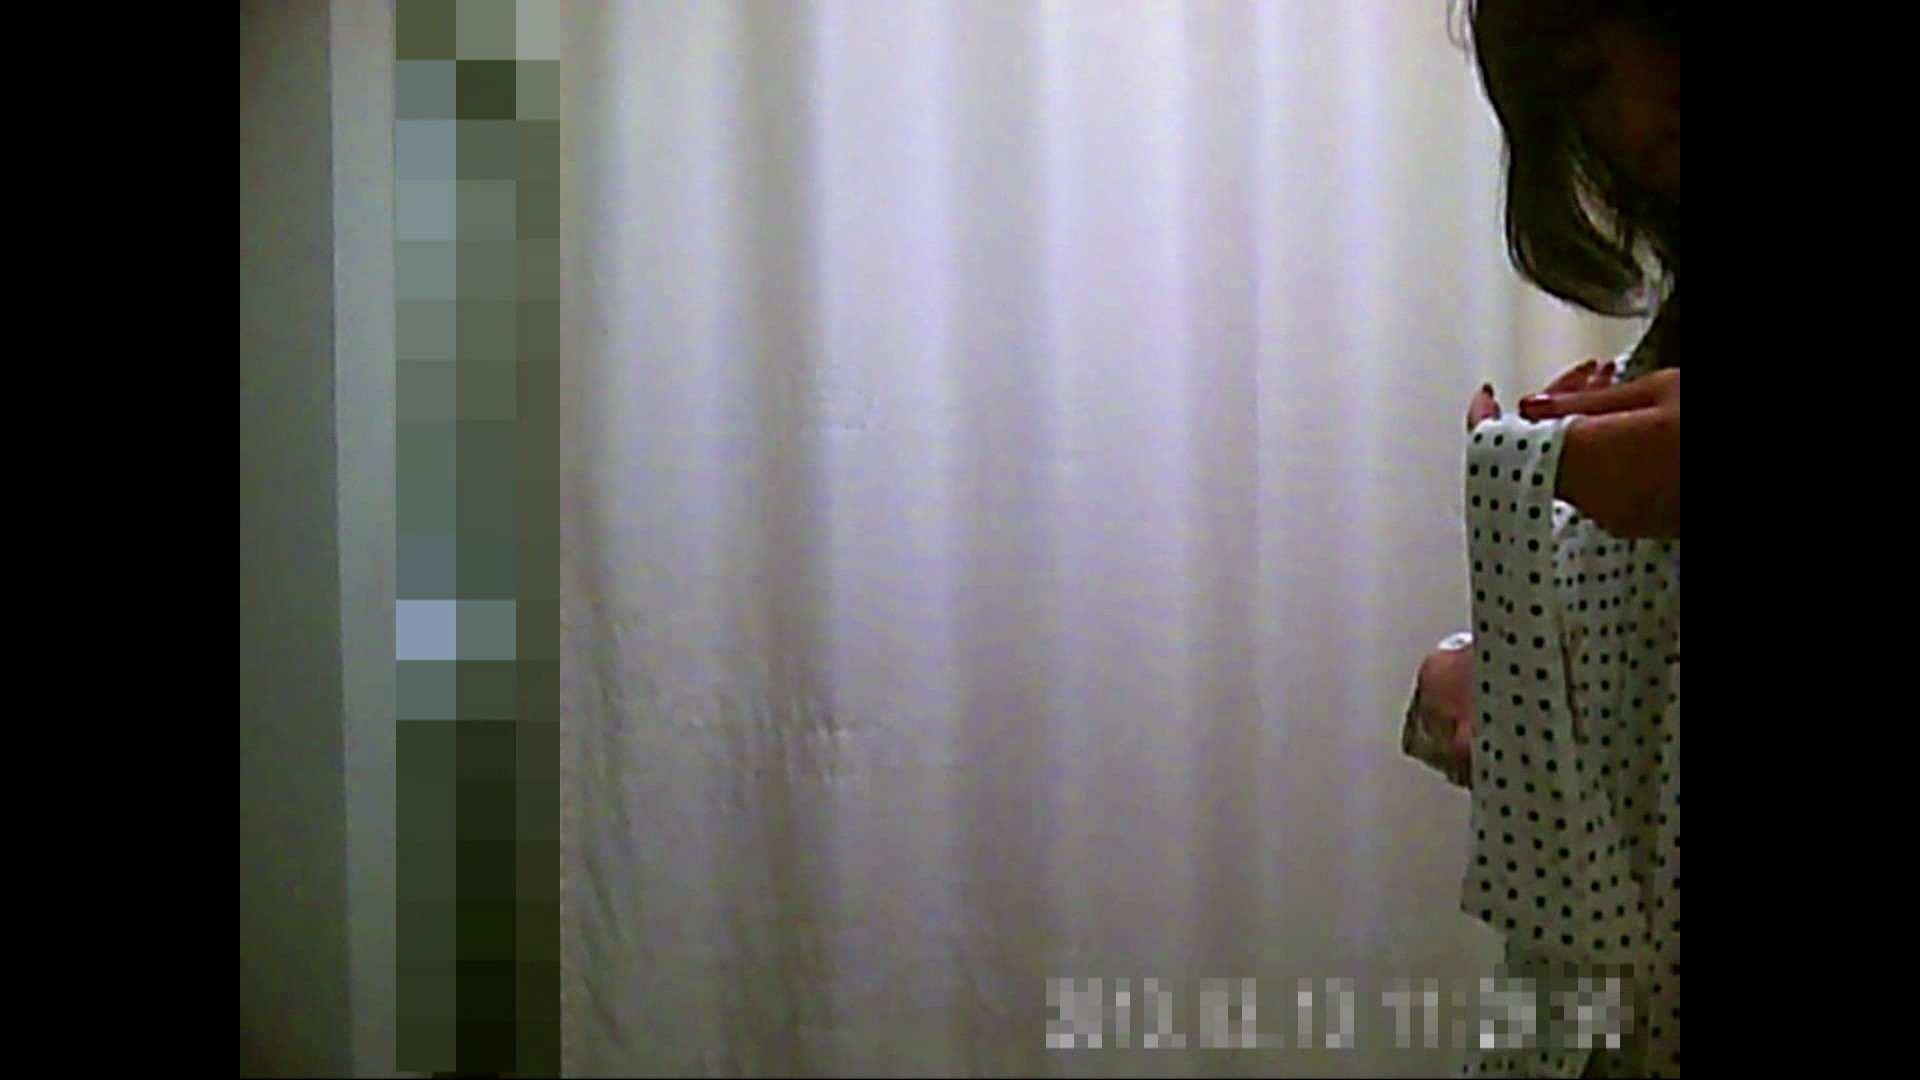 病院おもいっきり着替え! vol.199 盗撮師作品 アダルト動画キャプチャ 96pic 73